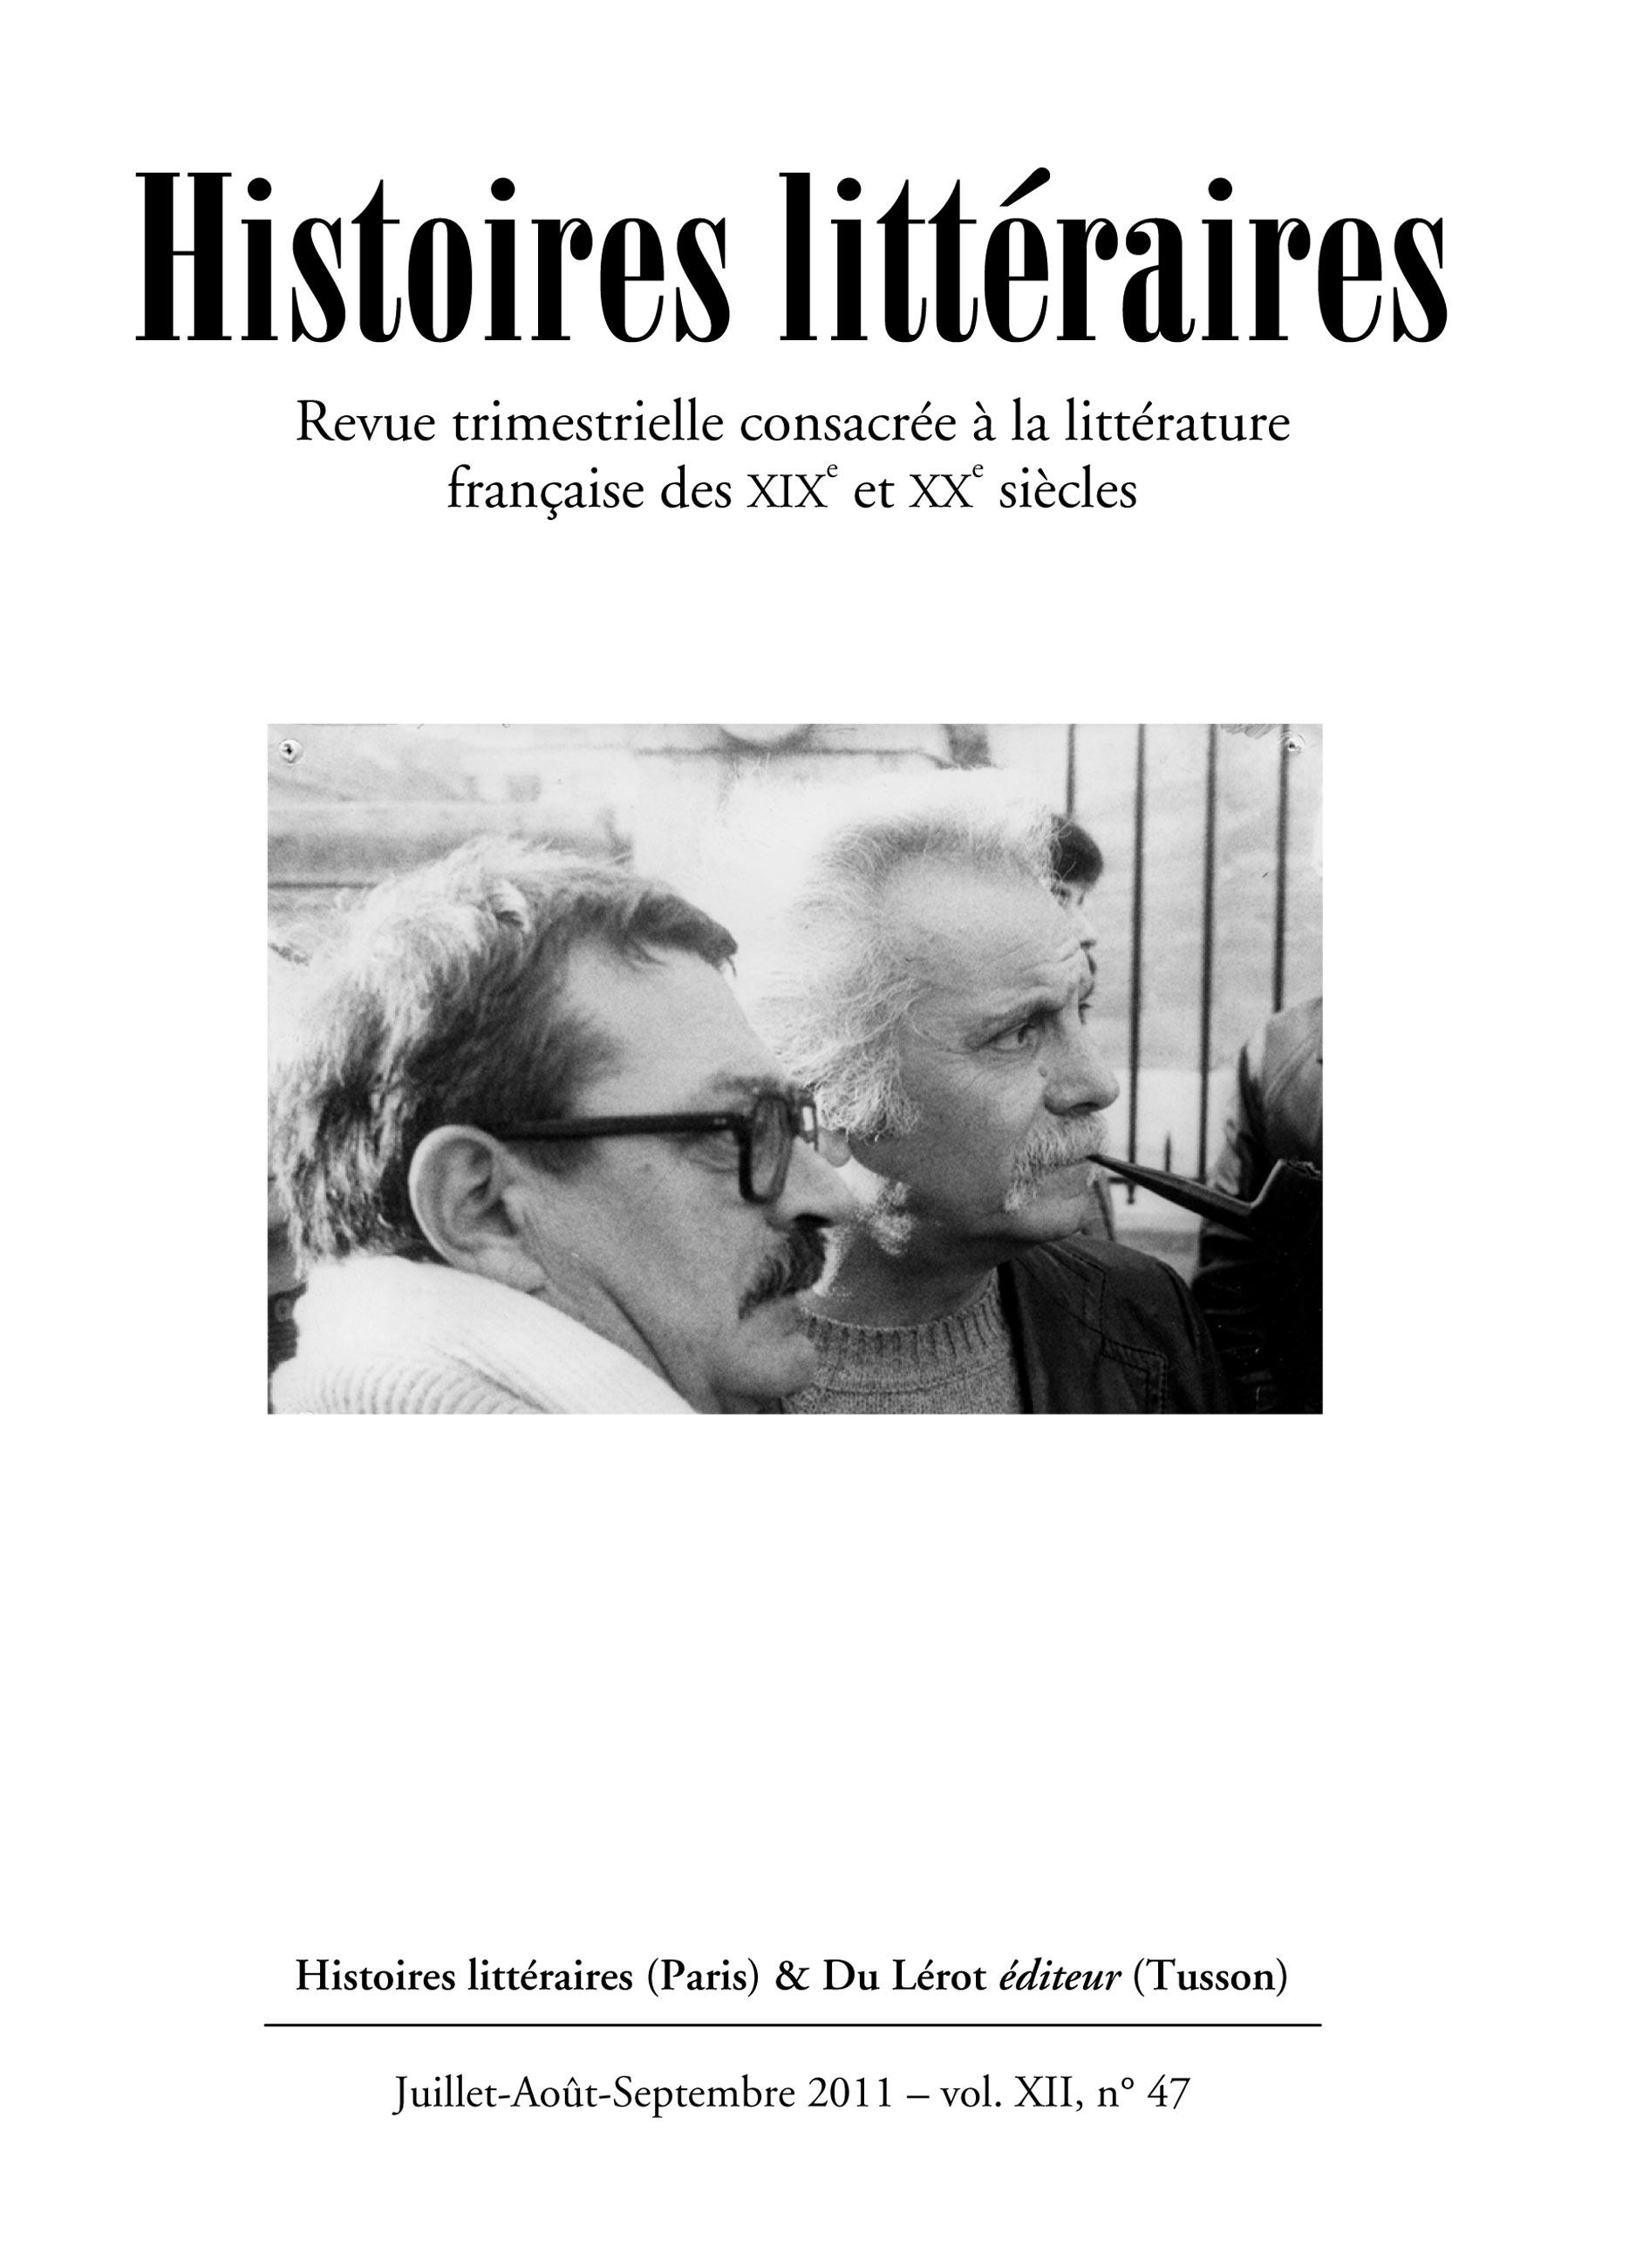 Couverture d'Histoires littéraires n°47